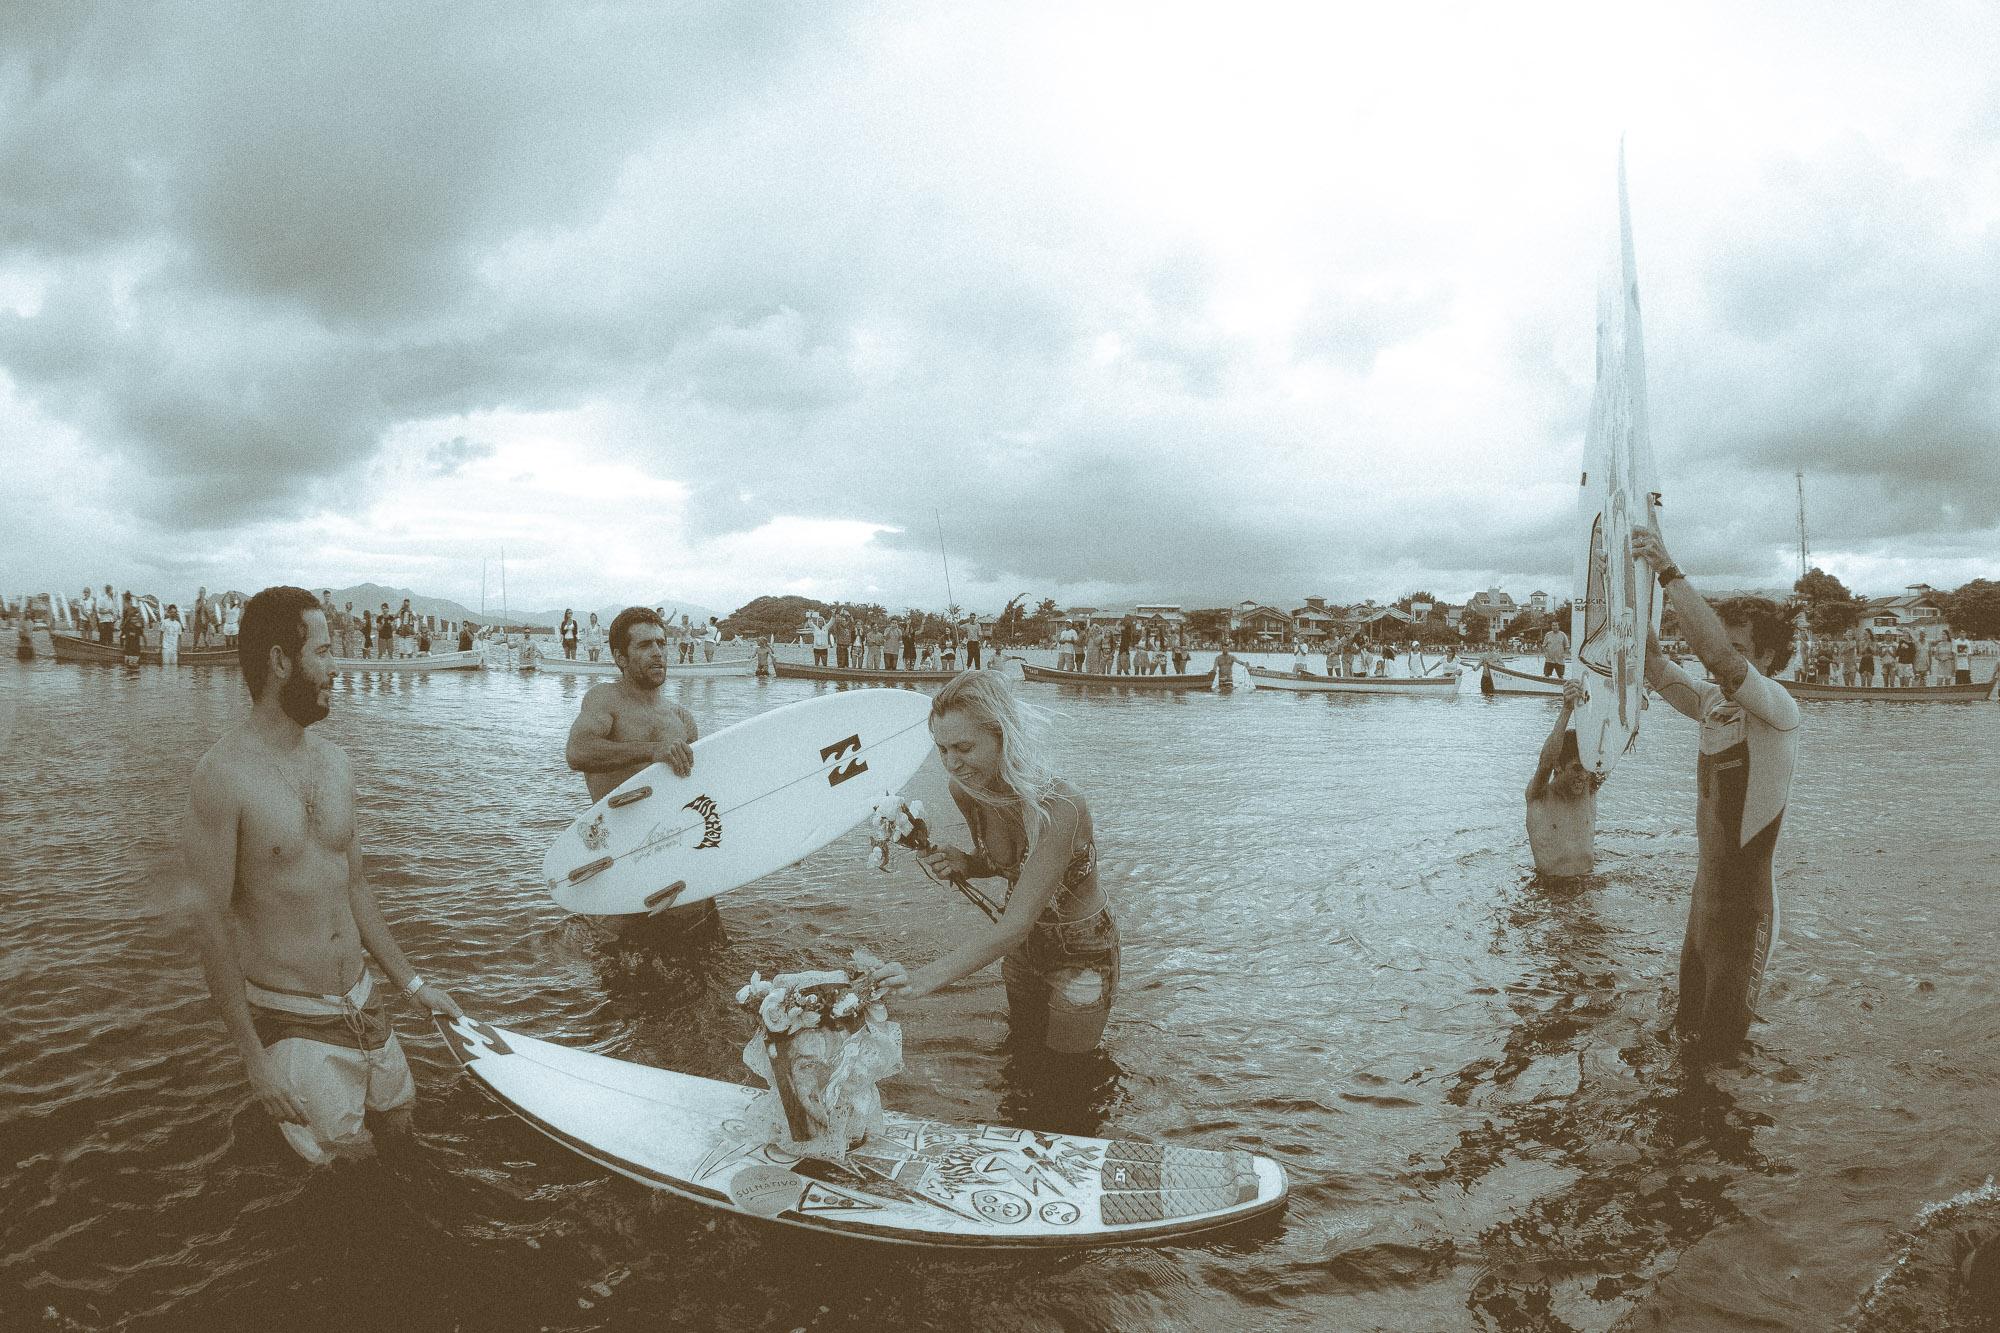 Foto 10 - Homenagem Ricardo dos Santos - Guarda do Embaú - Foto William Zimmermann-5.jpg